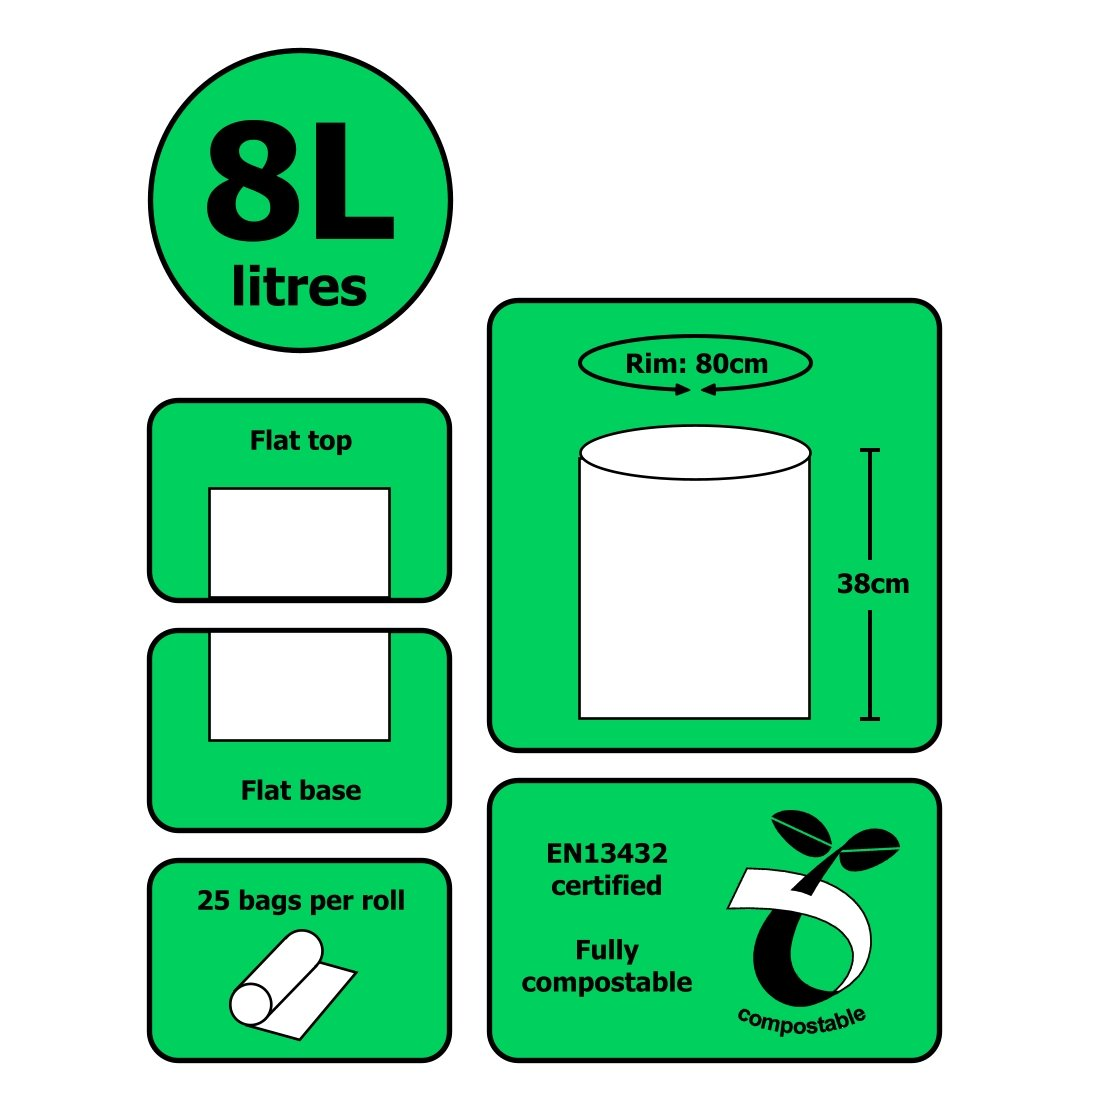 100 Sacchetti All-Green Sacchetti compostabili BioBag 8 litri per pattumiere da Cucina Caddy